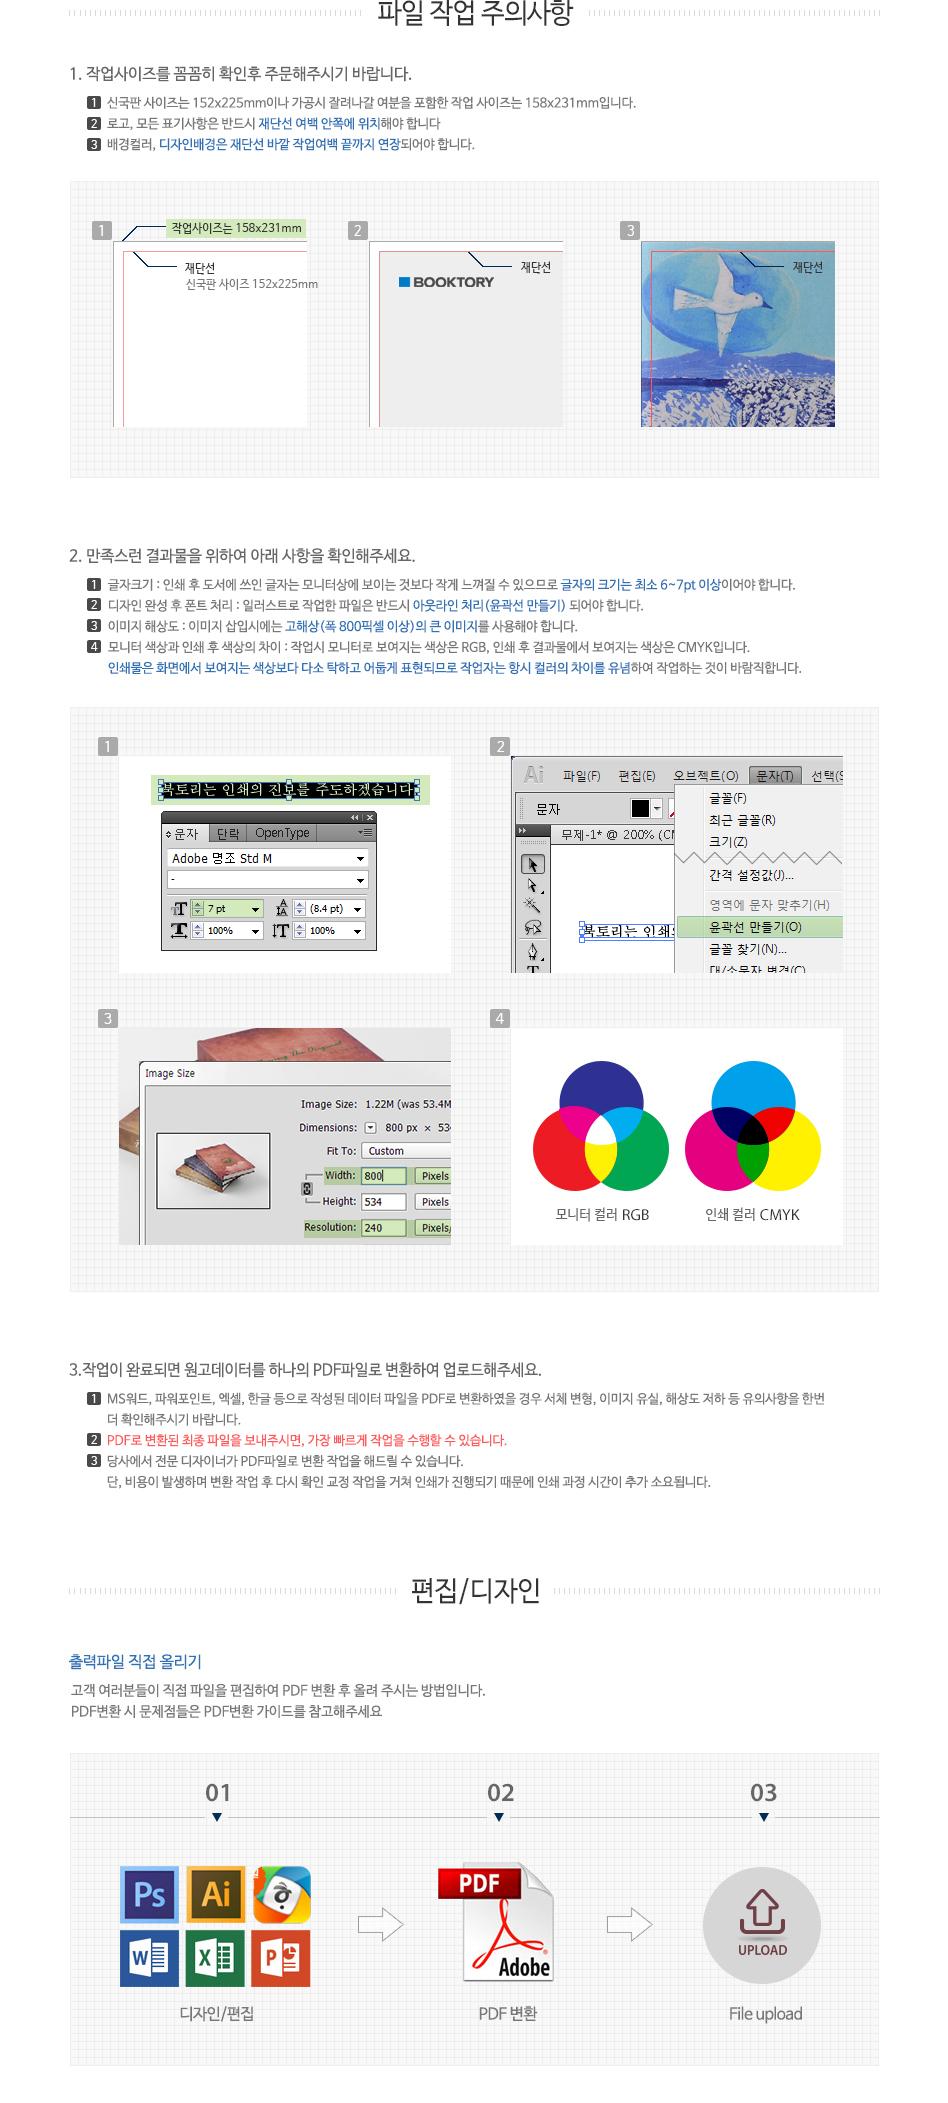 편집디자인 상품안내-북토리 표지 디자인 샘플표지 수정형, 서비스 가격 40,000원 부터